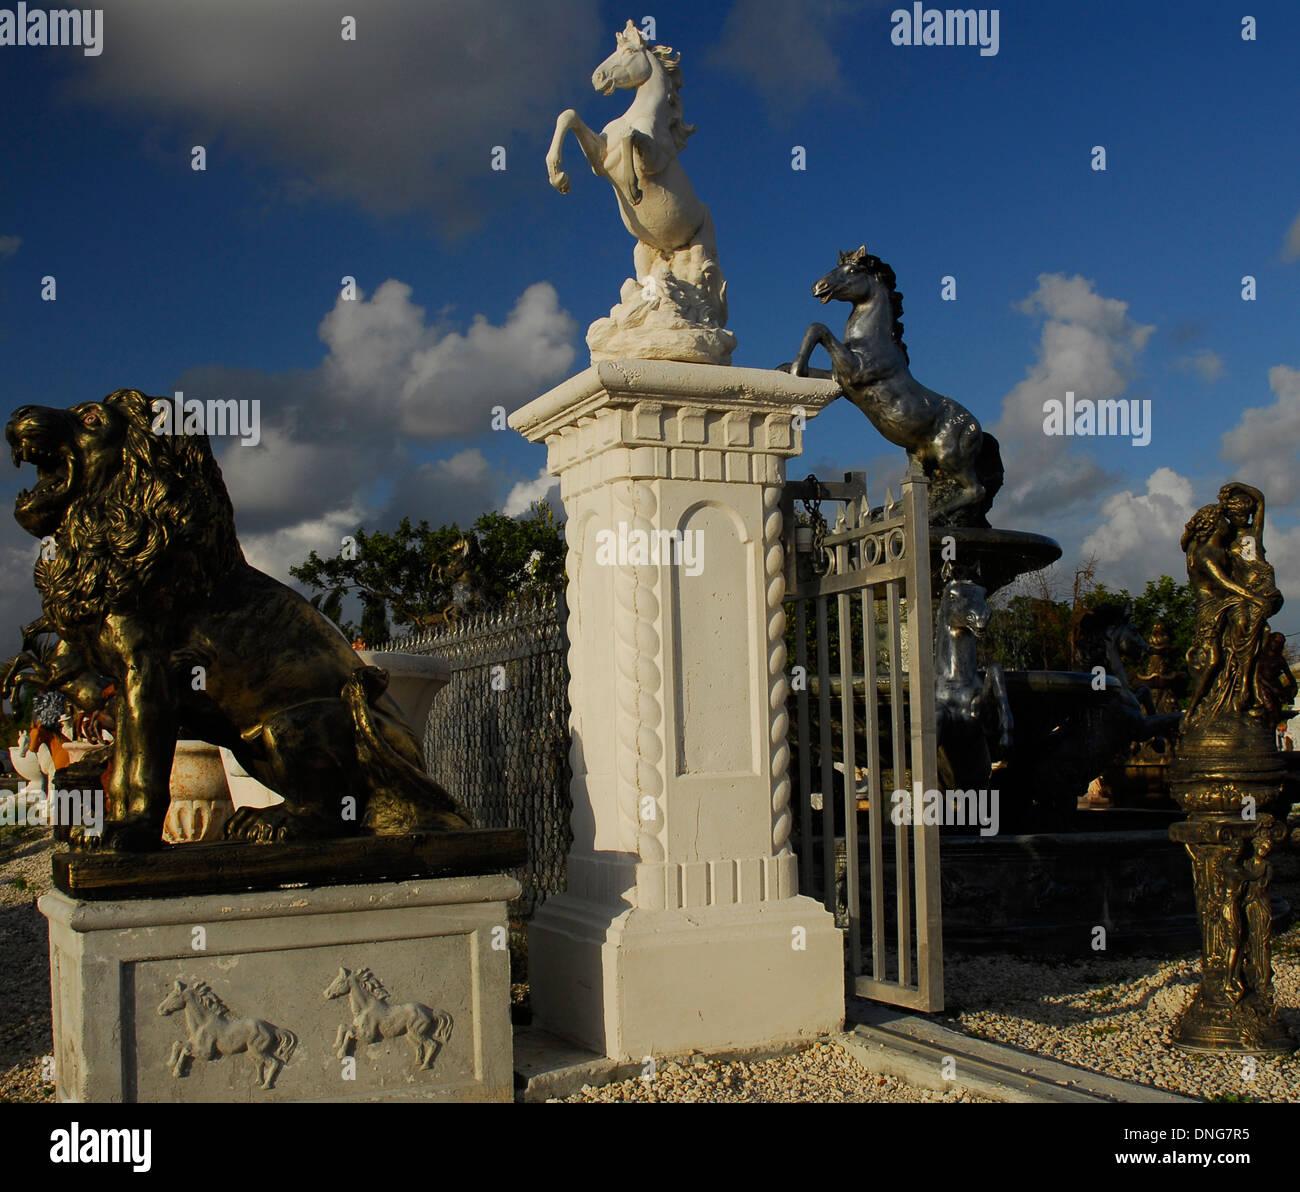 Statuary nursery - Stock Image